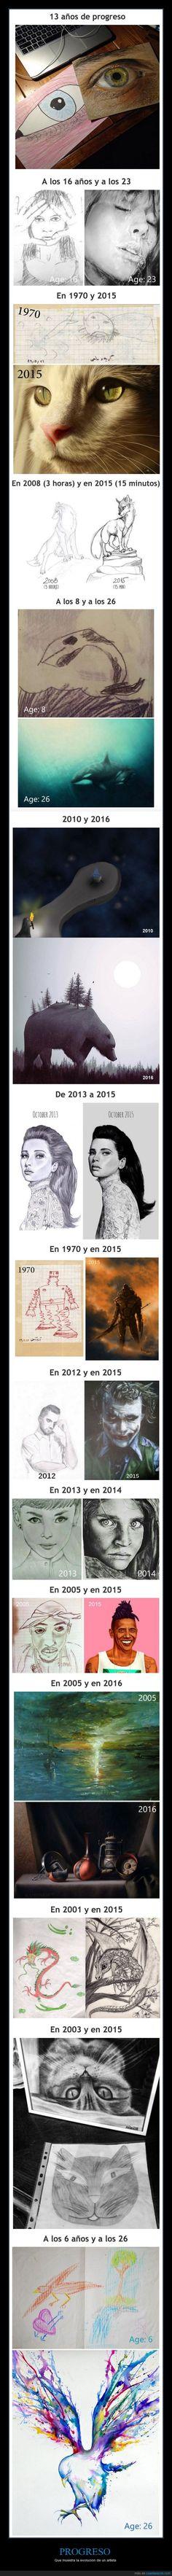 Comparativas que muestran el progreso de un artista - Que muestra la evolución de un artista